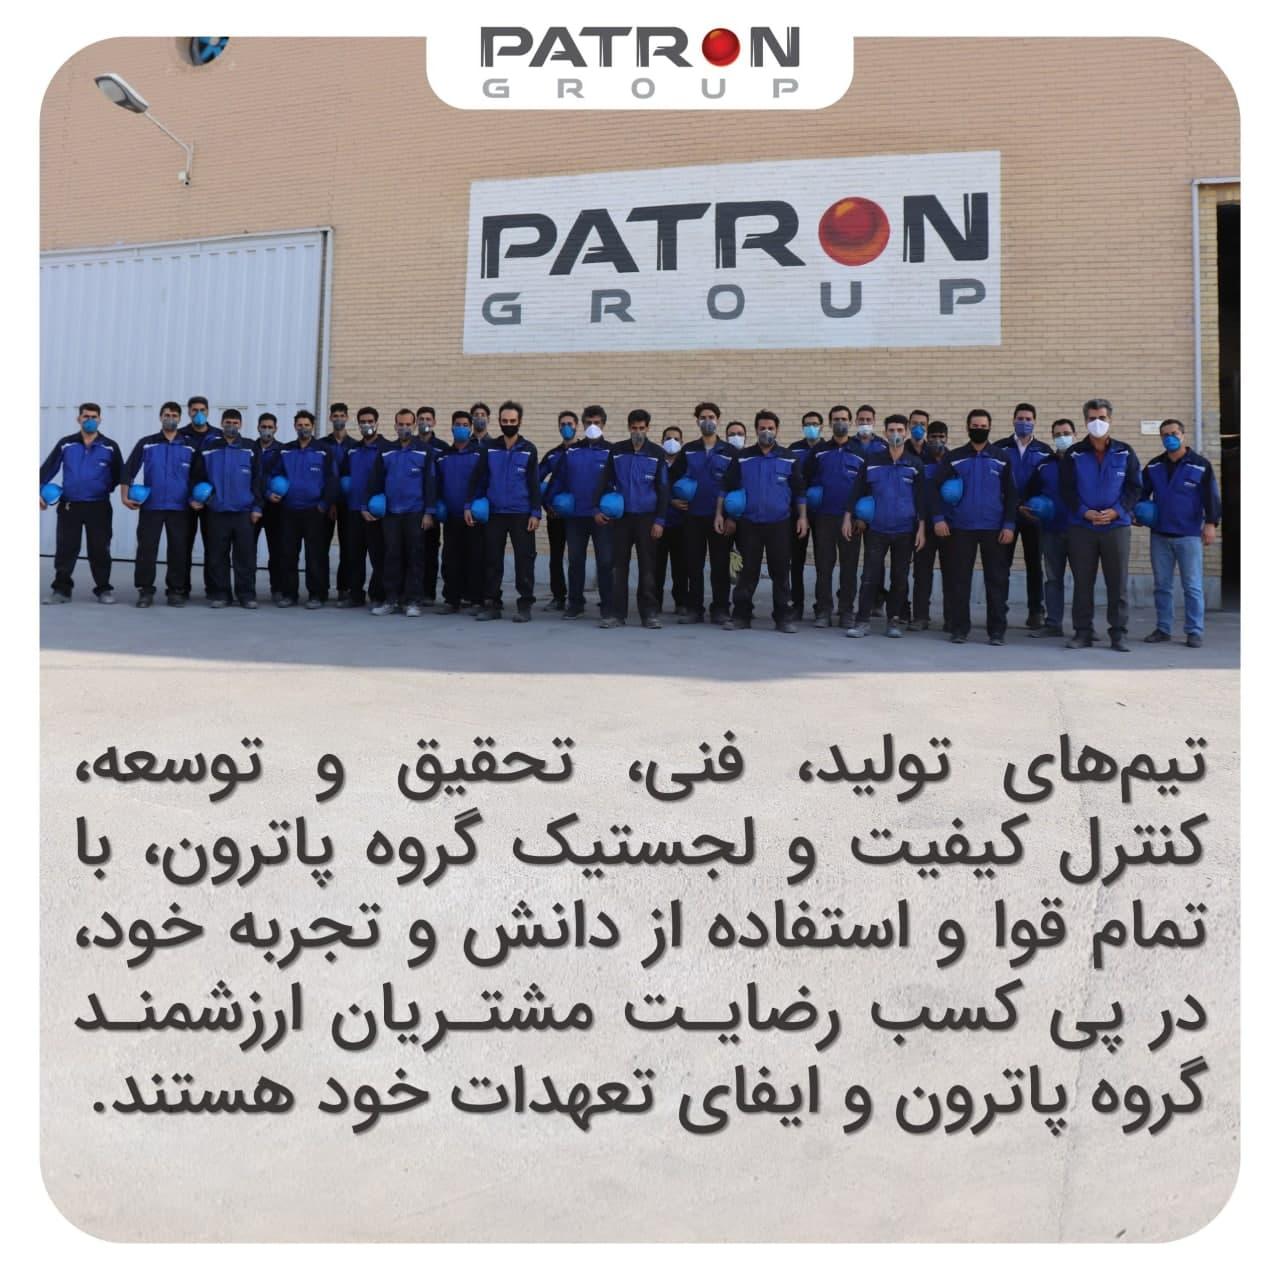 تیم های گروه پاترون در پی کسب رضایت مشتریان